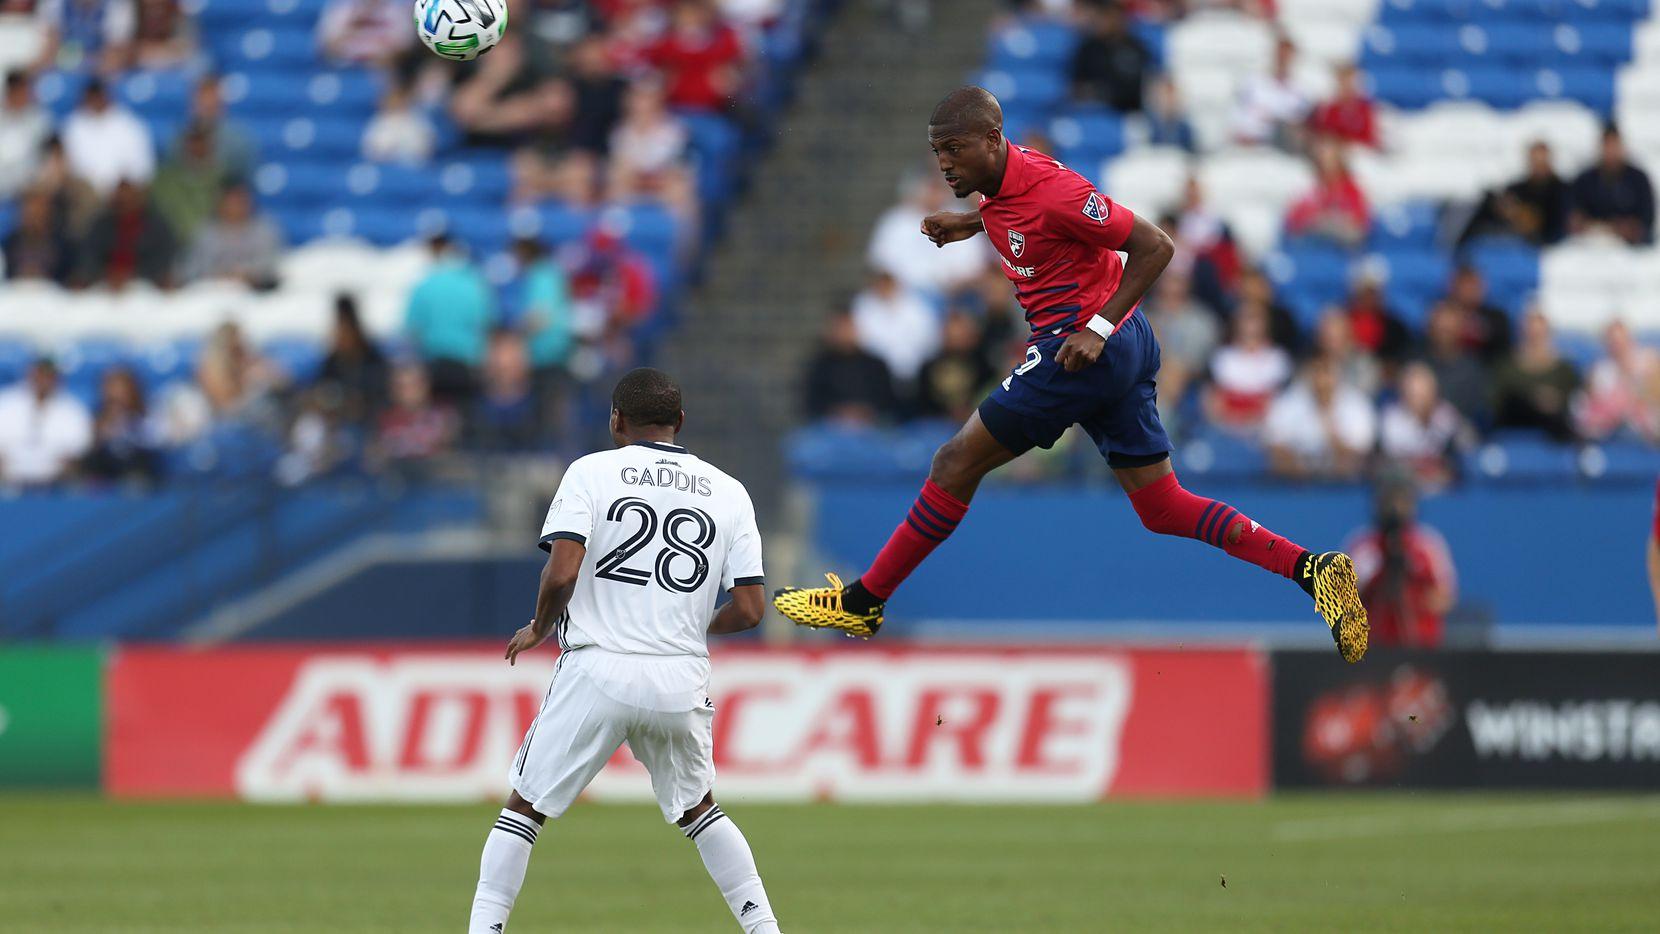 El jugador del FC Dallas, Jesús Ferreira (der), salta para tratar de controlar un balón en el juego contra el Union de Filadelfia, el 29 de febrero en el Toyota Stadium de Frisco